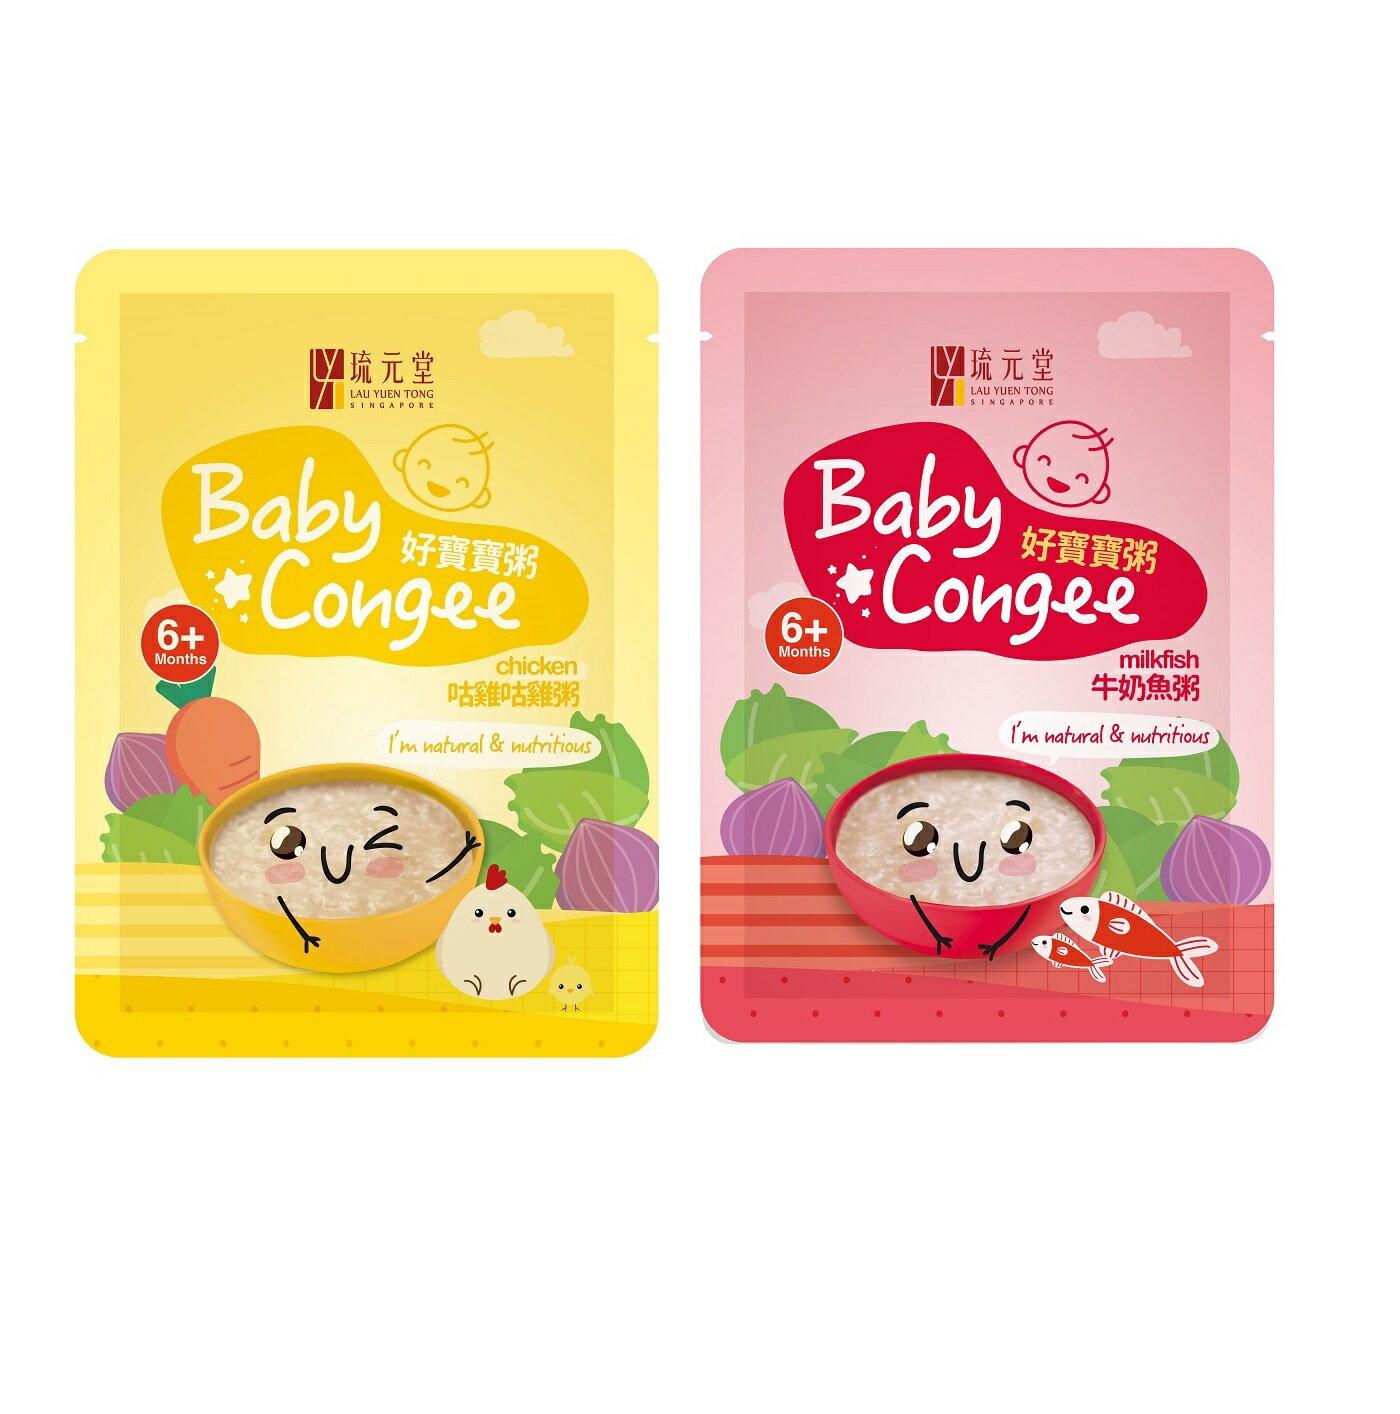 【多件優惠】新加坡 琉元堂 寶寶粥(牛奶魚/咕雞咕雞)